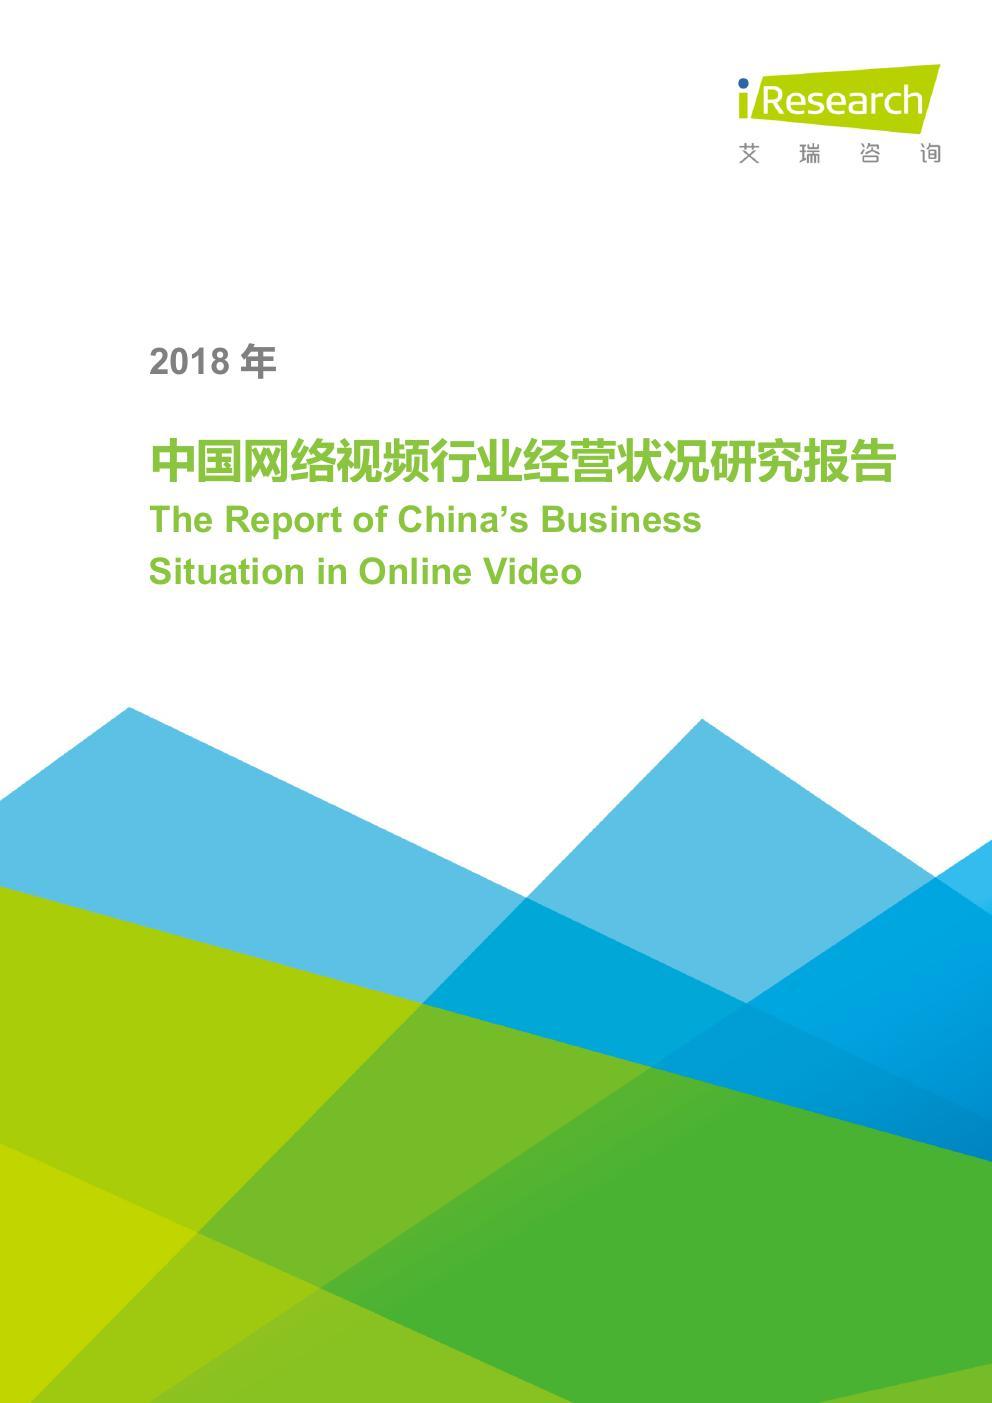 艾瑞咨询:2018年中国网络视频行业经营状况研究报告(附下载)